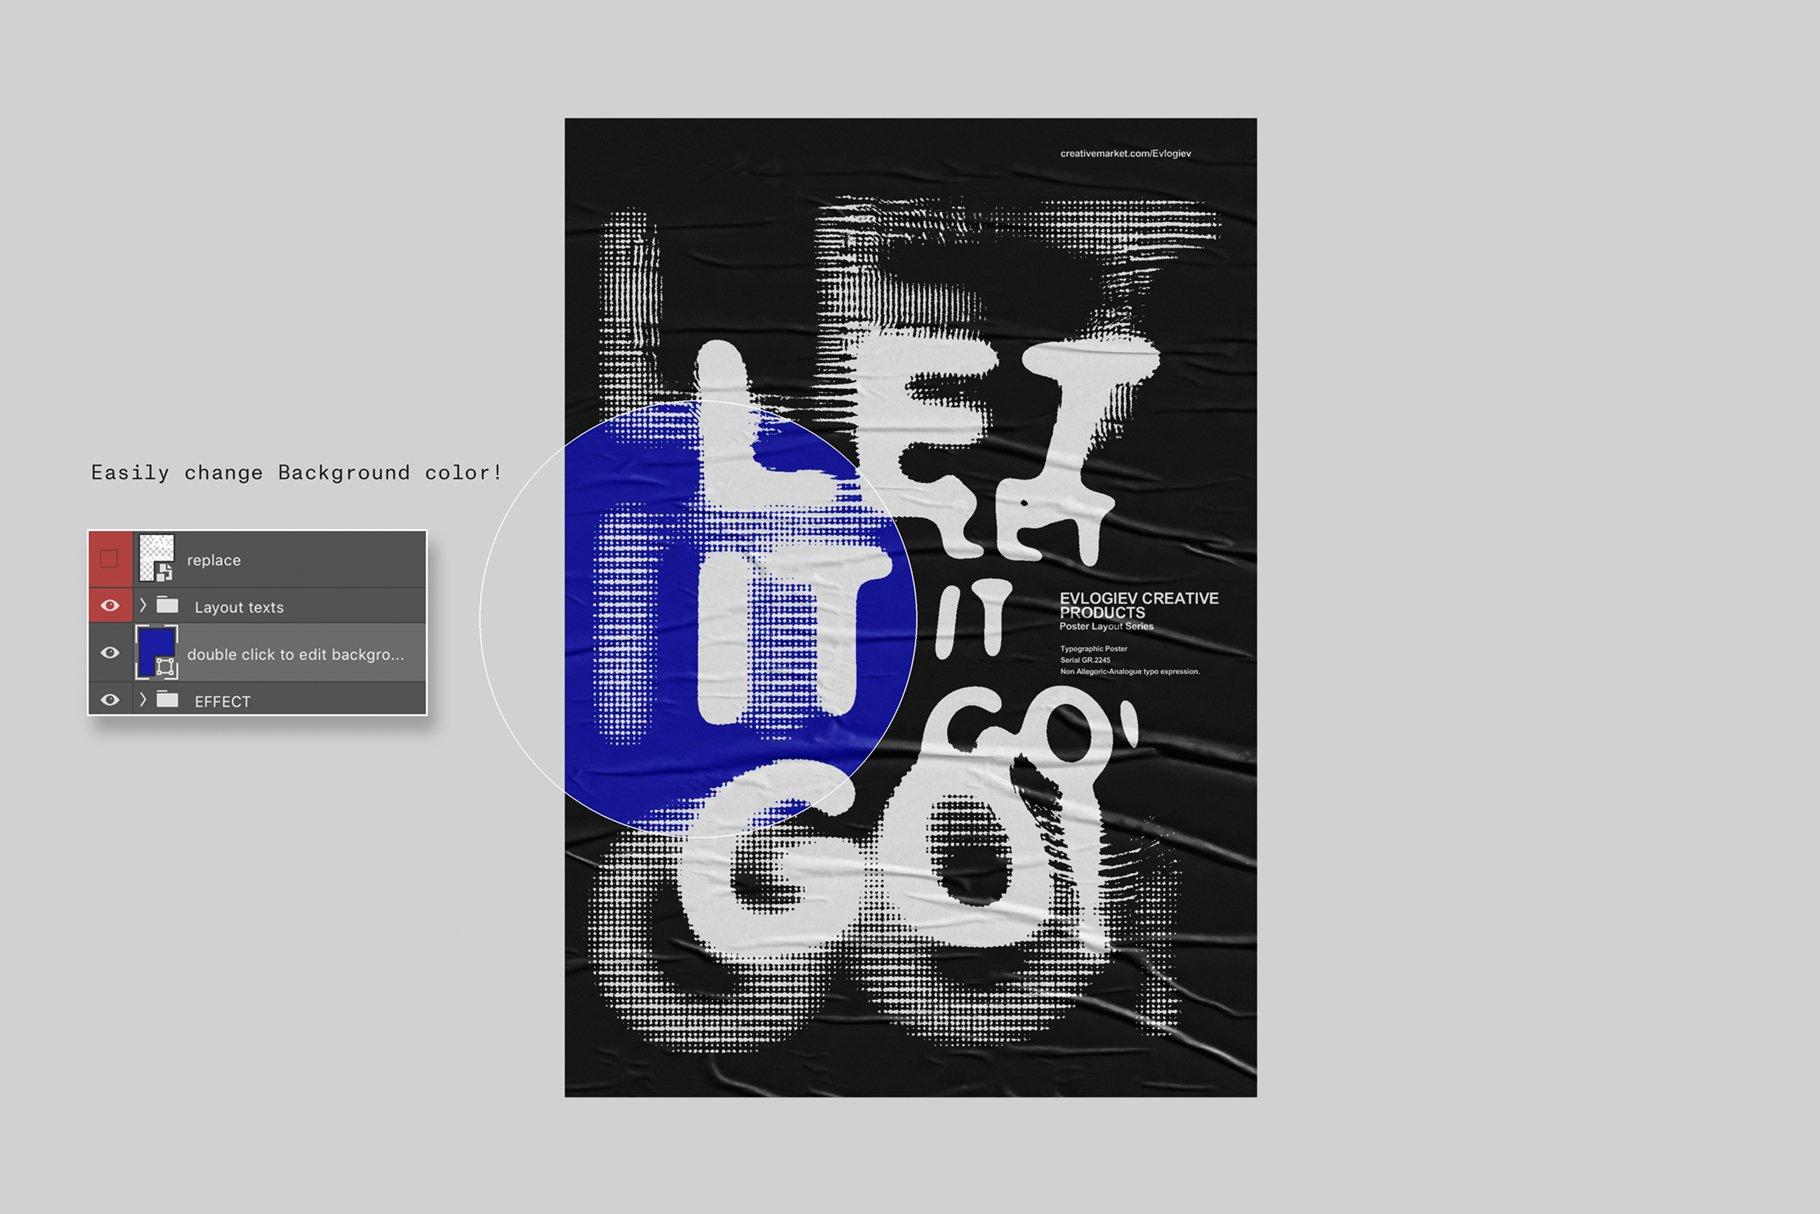 20款创意抽象主视觉海报标题特效字体设计智能贴图样机模板 Typographic Poster Layouts No.01插图(8)